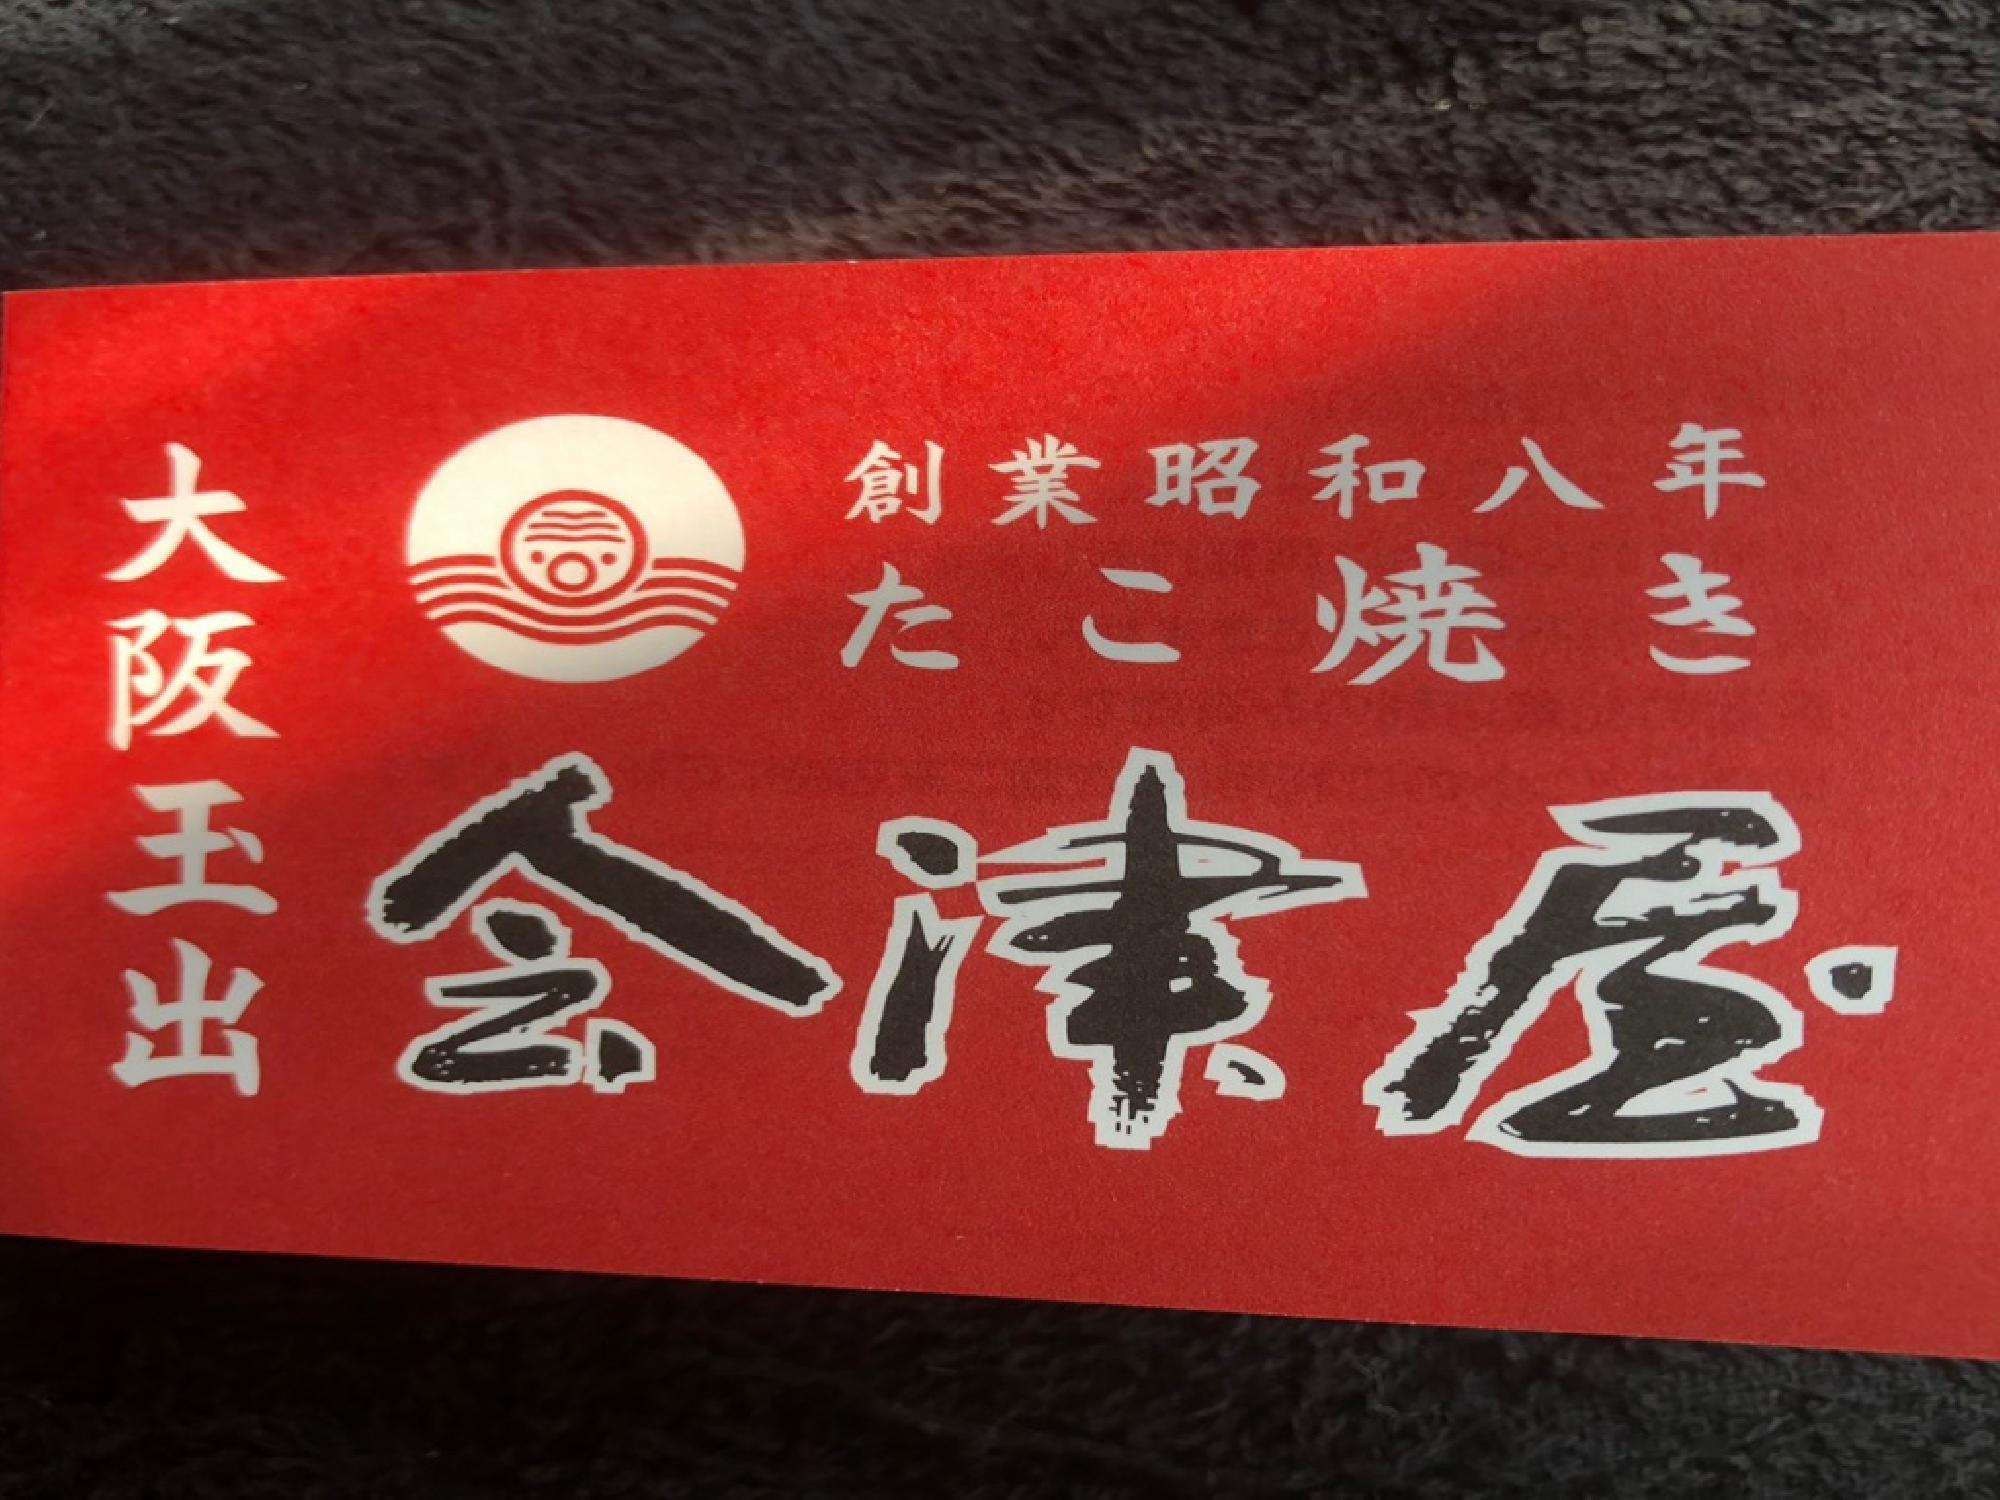 大阪市西成区玉出の元祖たこ焼き「会津屋」さん_画像_1